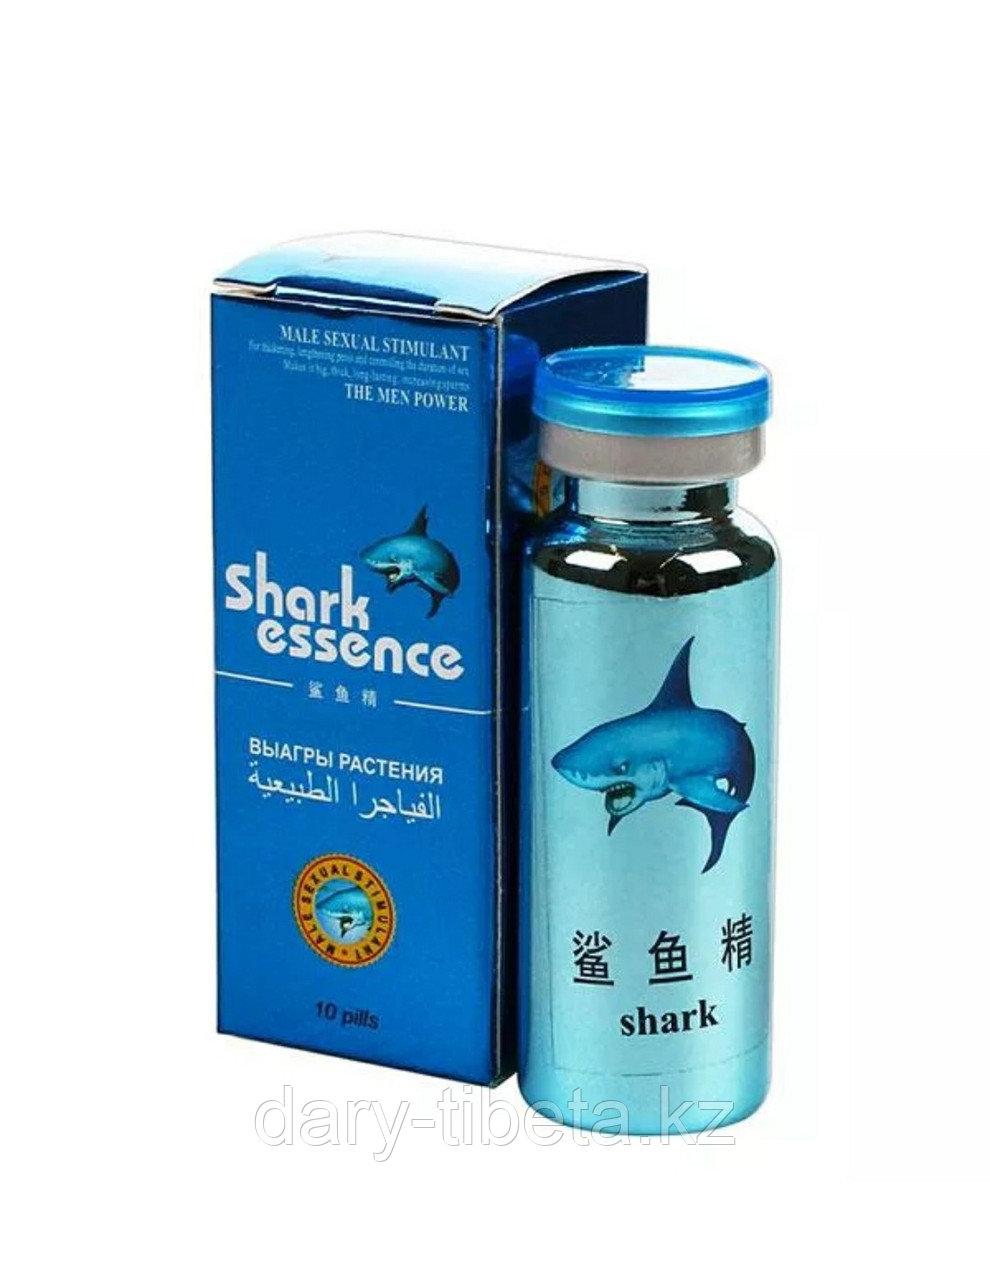 Shark essence(Акулий Экстракт)